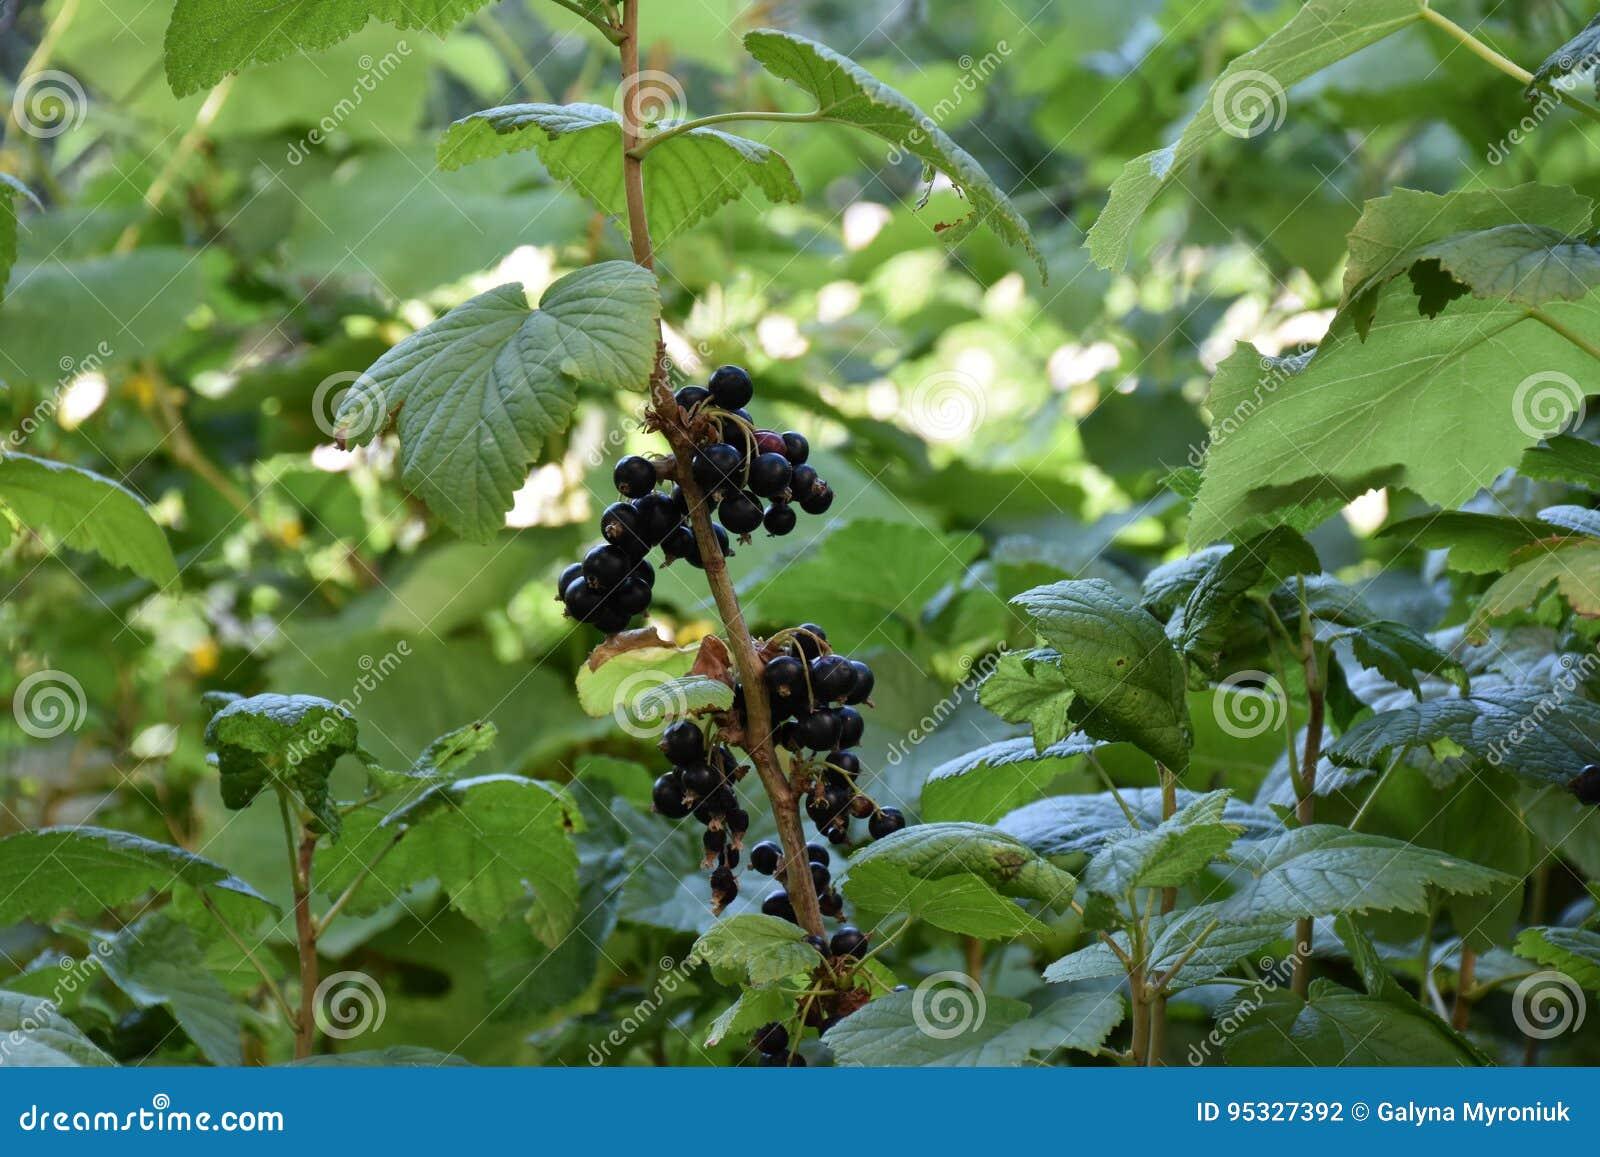 blackberry anlage